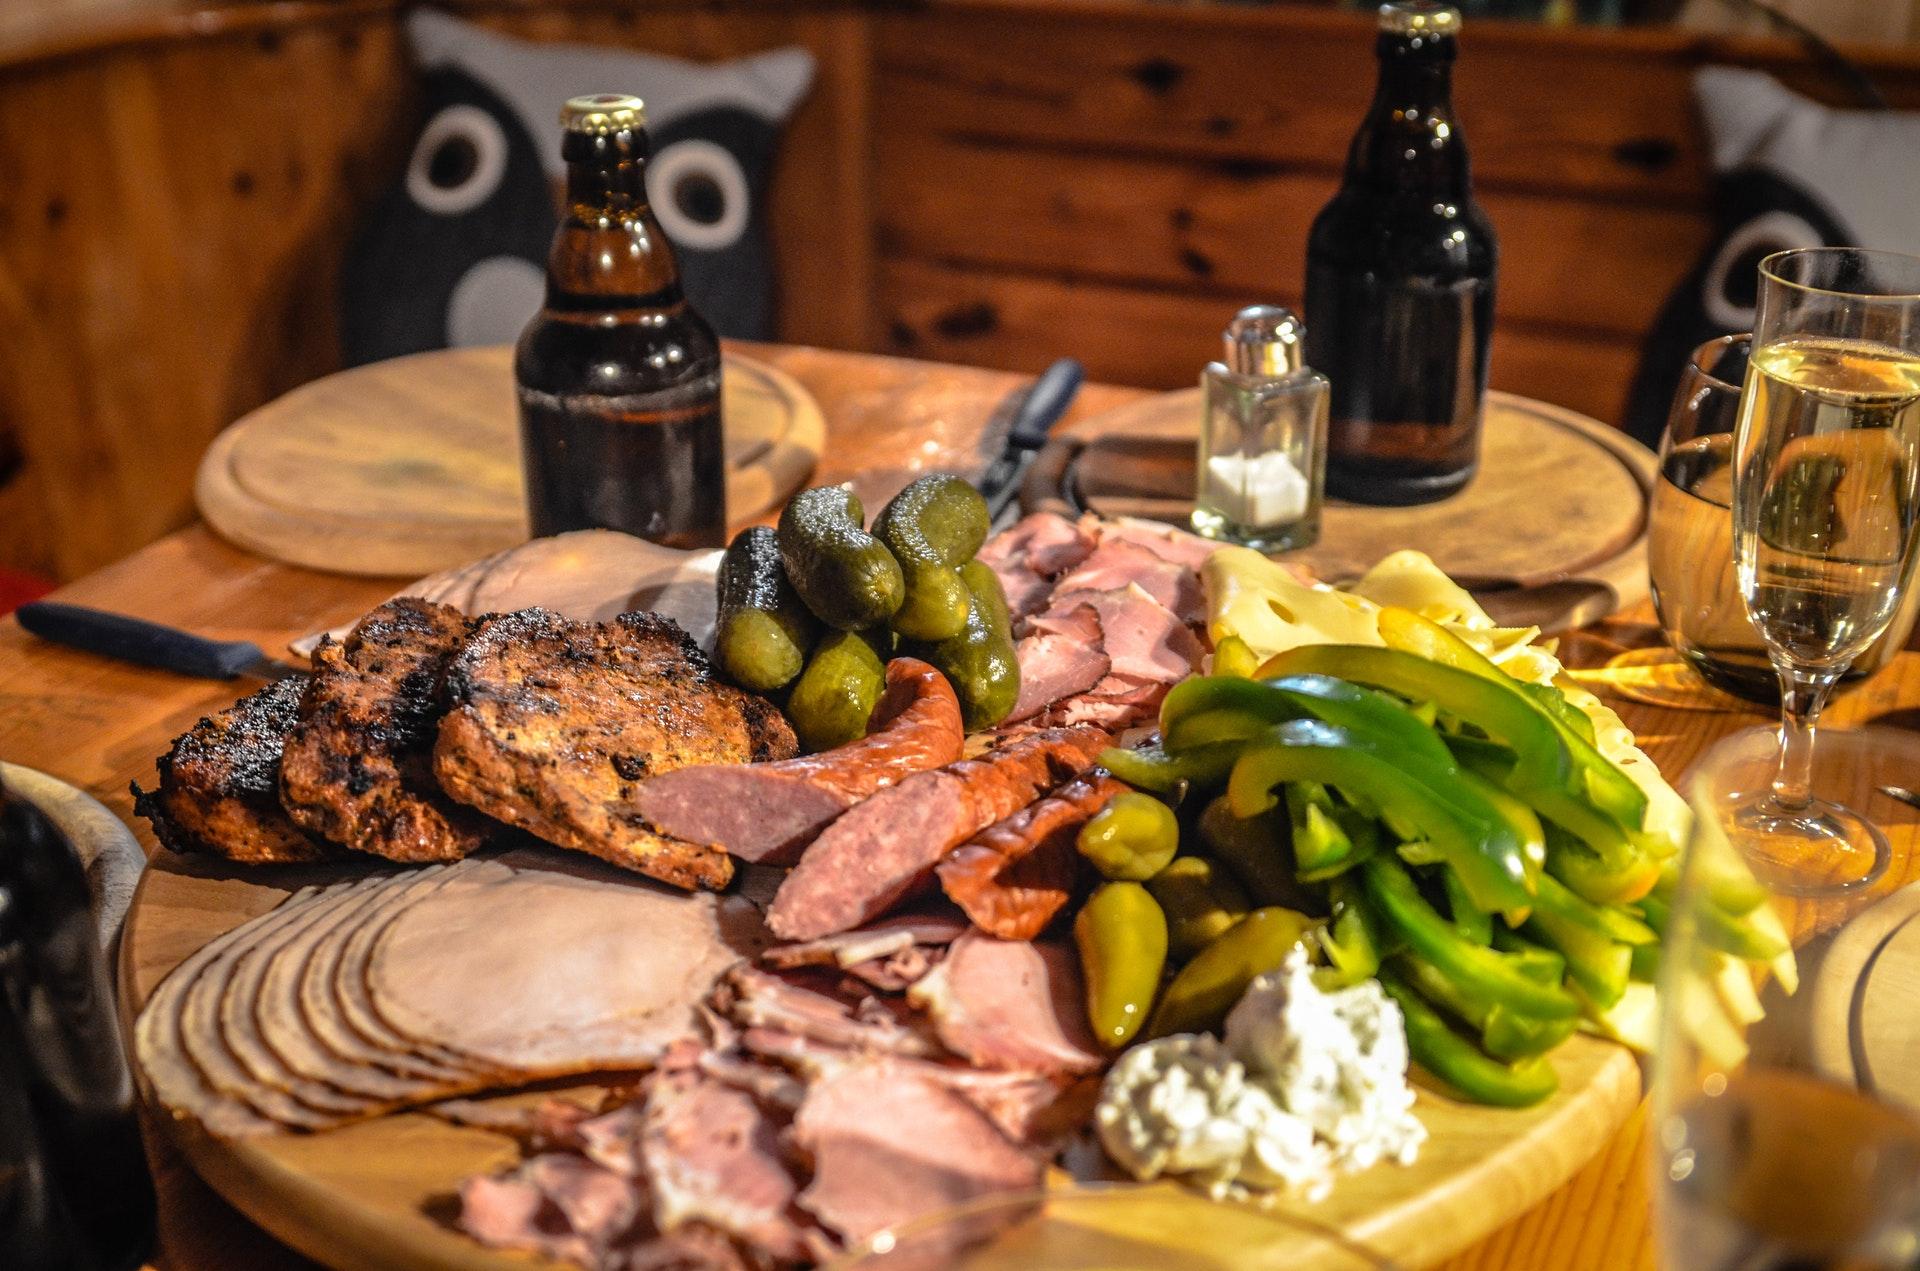 Przyrządzenie wędliny dojrzewającej i w jaki sposób zapeklować mięso?